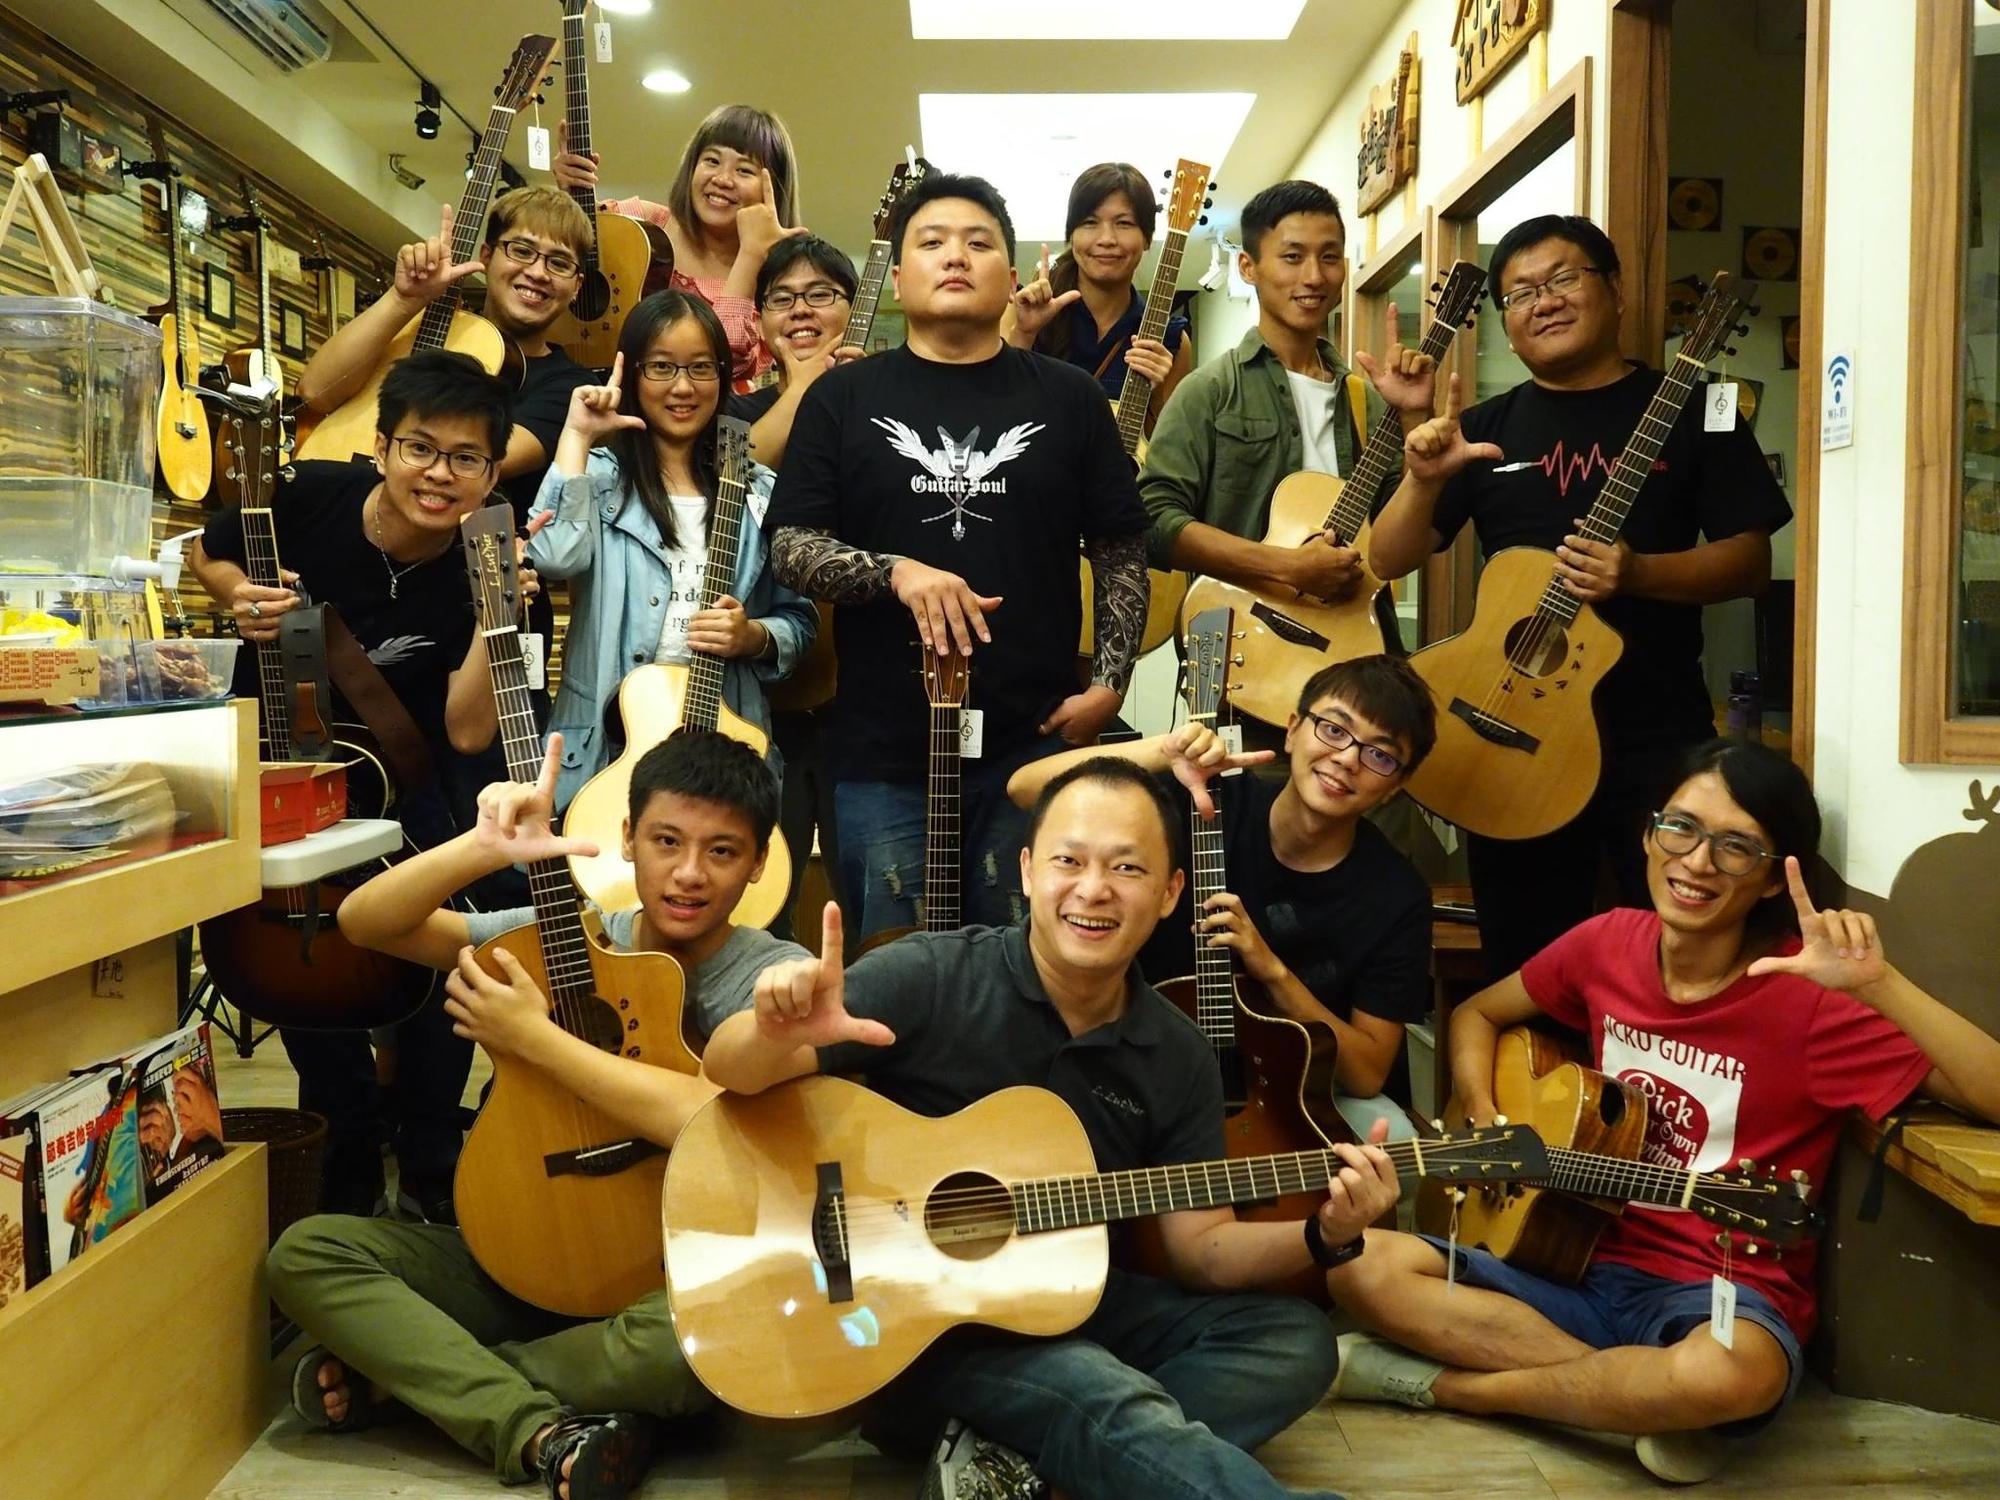 L.Luthier吉他與生為吉他人死為吉他魂版主河豚於新竹陸比音樂舉辦吉他魂聚會-大合照